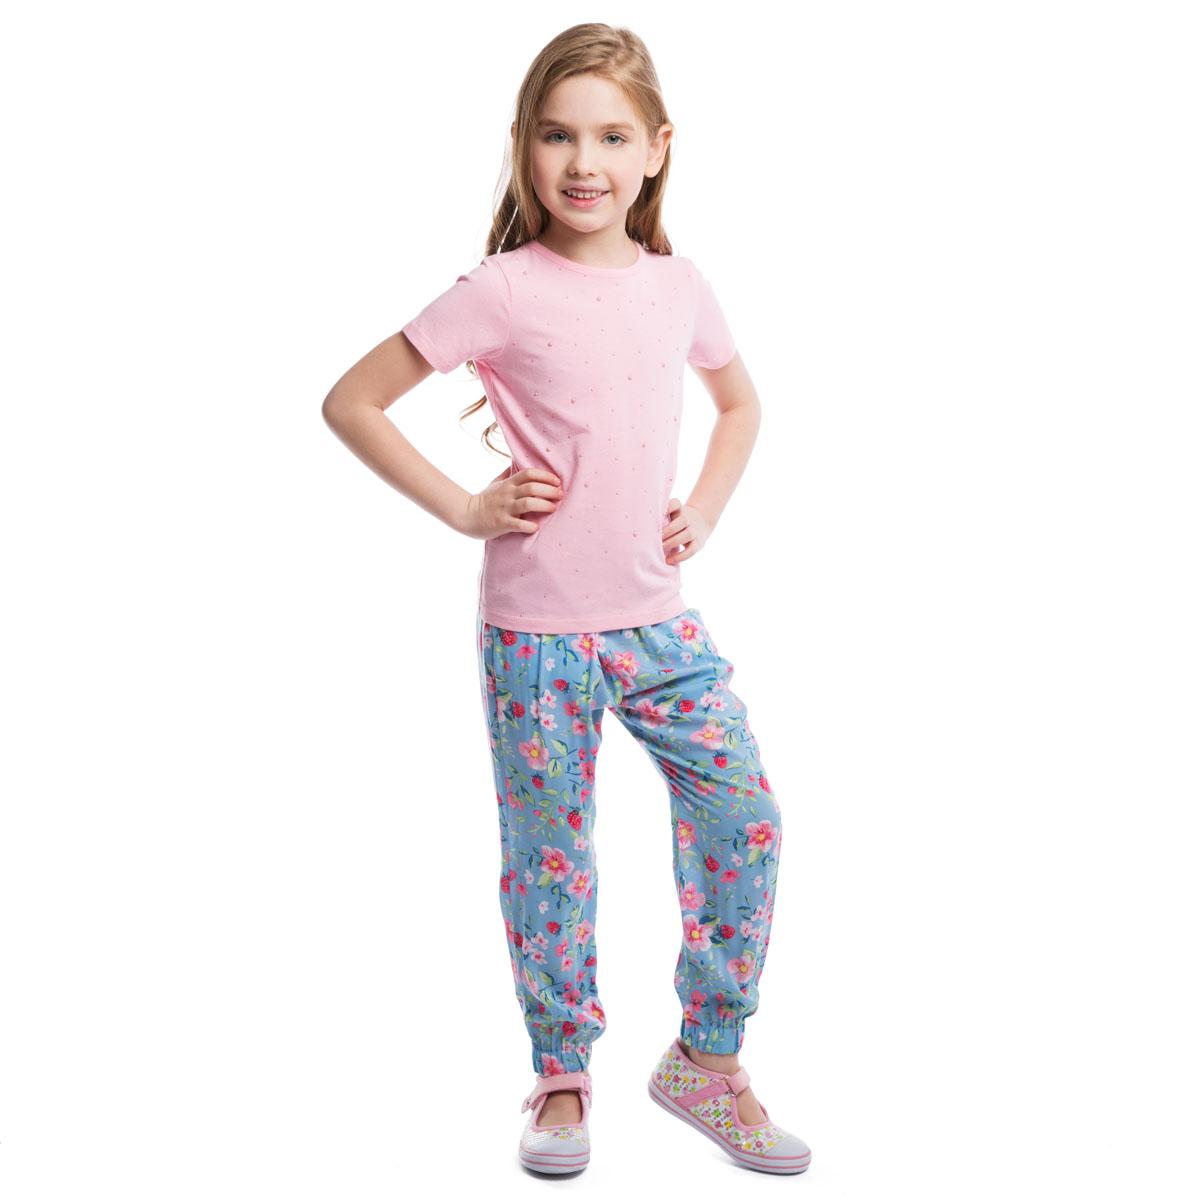 Футболка для девочки. 262009262009Стильная футболка для девочки PlayToday идеально подойдет вашей дочурке. Изготовленная из эластичного хлопка, она мягкая и приятная на ощупь, не сковывает движения и позволяет коже дышать, не раздражает даже самую нежную и чувствительную кожу ребенка, обеспечивая наибольший комфорт. Футболка с короткими рукавами и круглым вырезом горловины оформлена спереди приклеенными круглыми элементами разного диаметра, выполненными из пластика. Горловина дополнена мягкой эластичной бейкой. Современный дизайн и модная расцветка делают эту футболку стильным предметом детского гардероба. В ней ваша дочурка будет чувствовать себя уютно и комфортно и всегда будет в центре внимания!